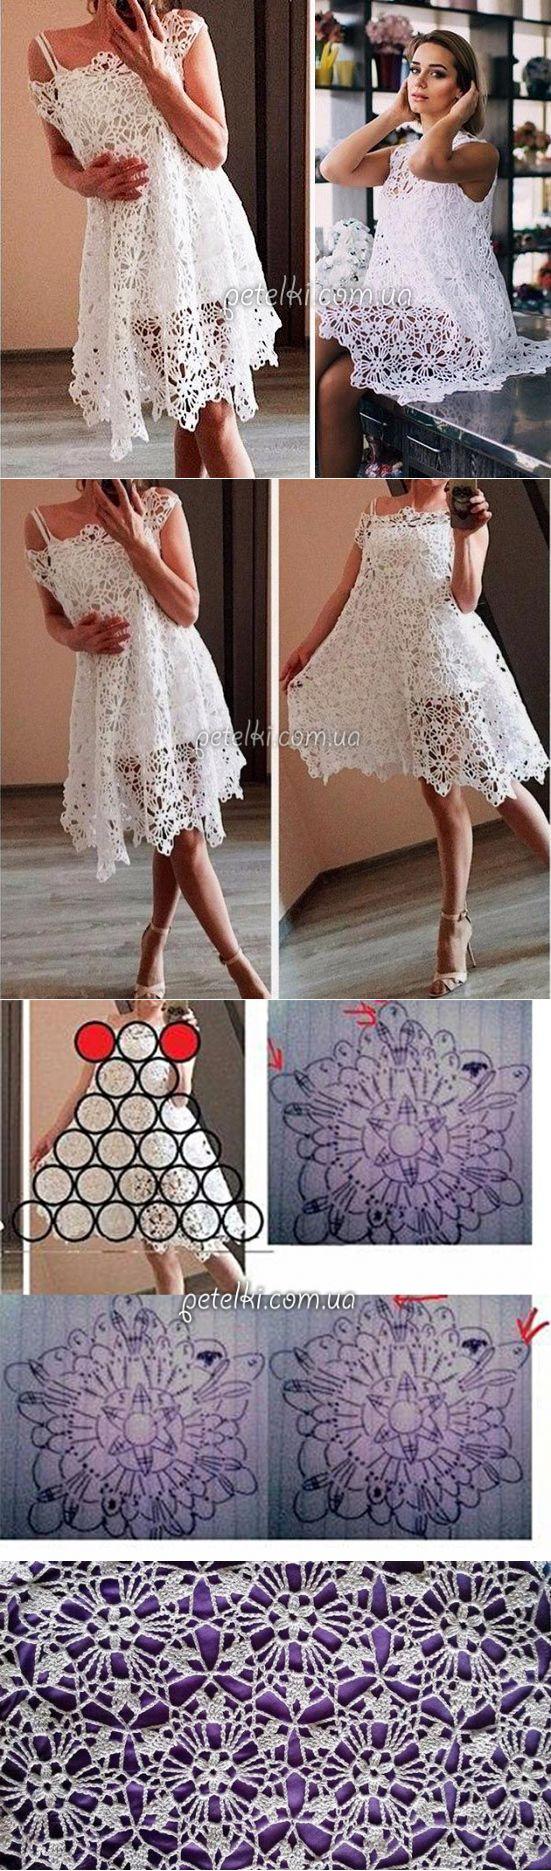 Нежное платье из мотивов. Схема